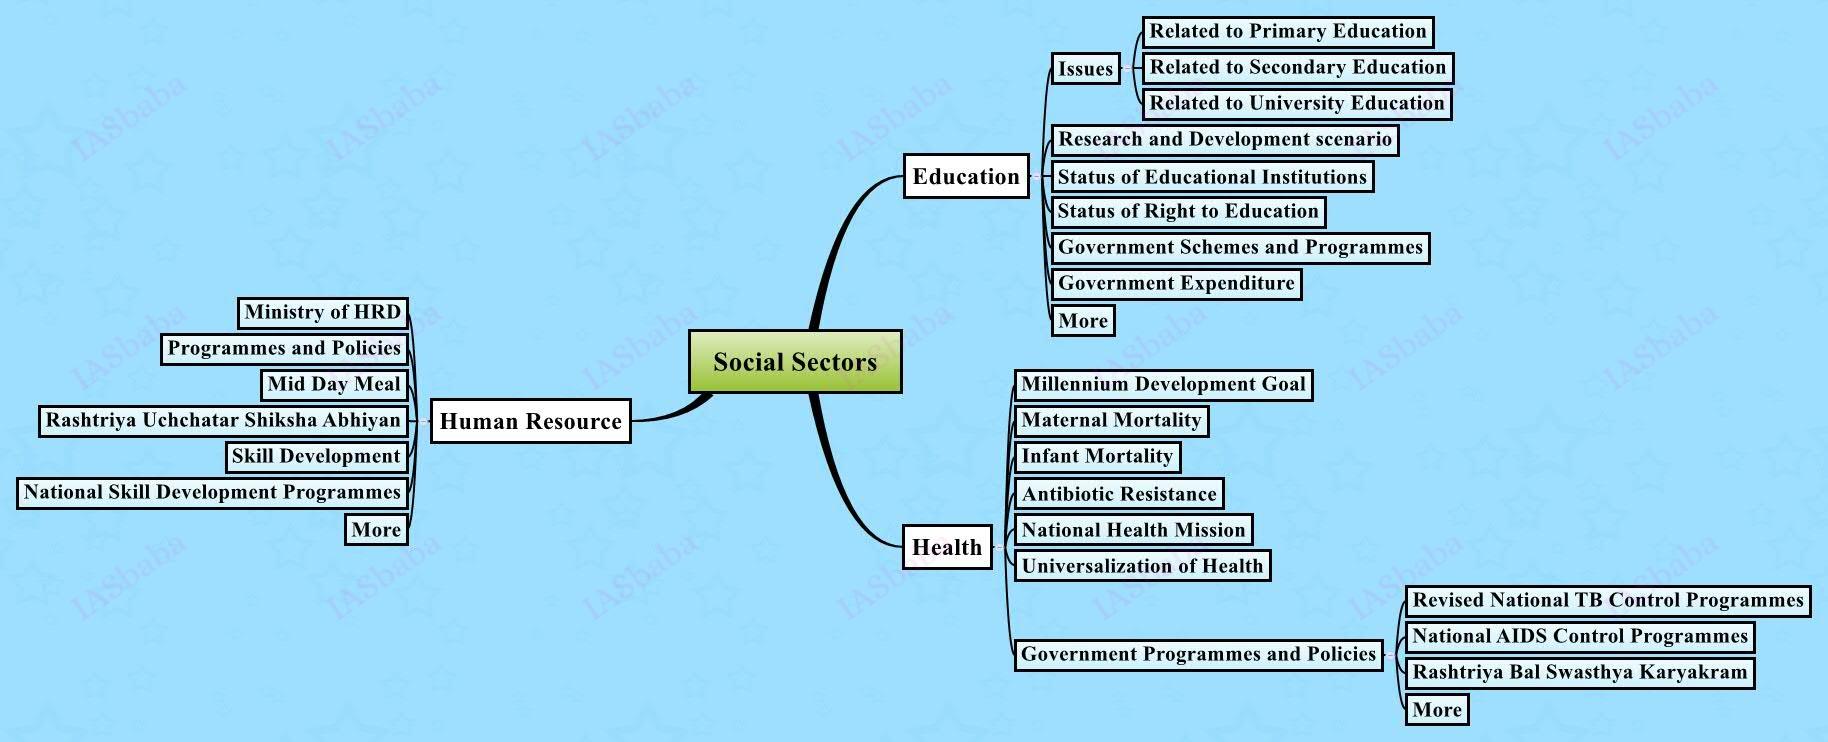 Social Sectors